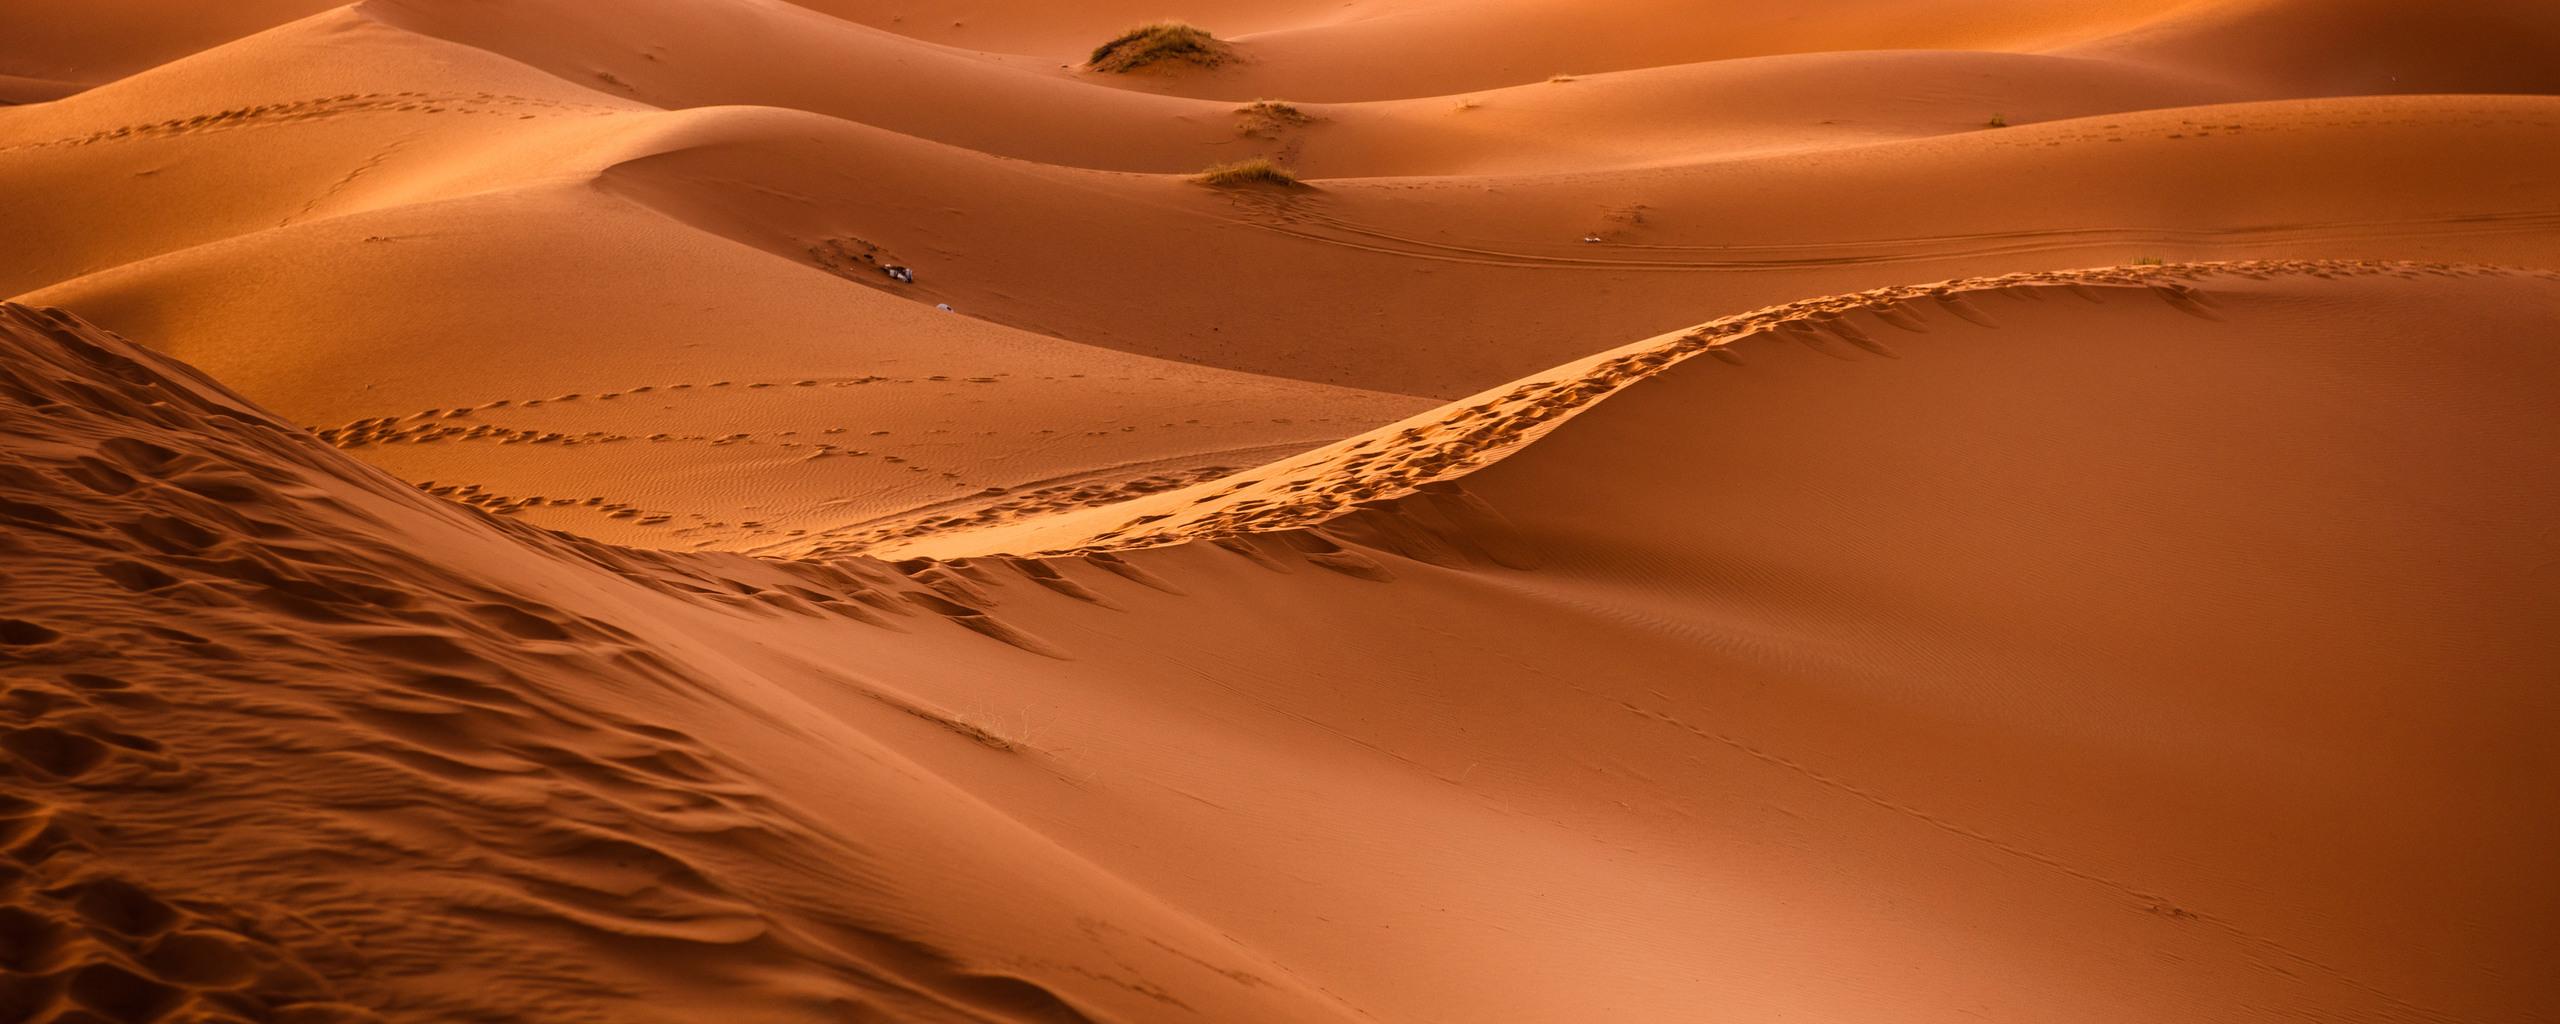 dessert-sand-dunes-8k-go.jpg